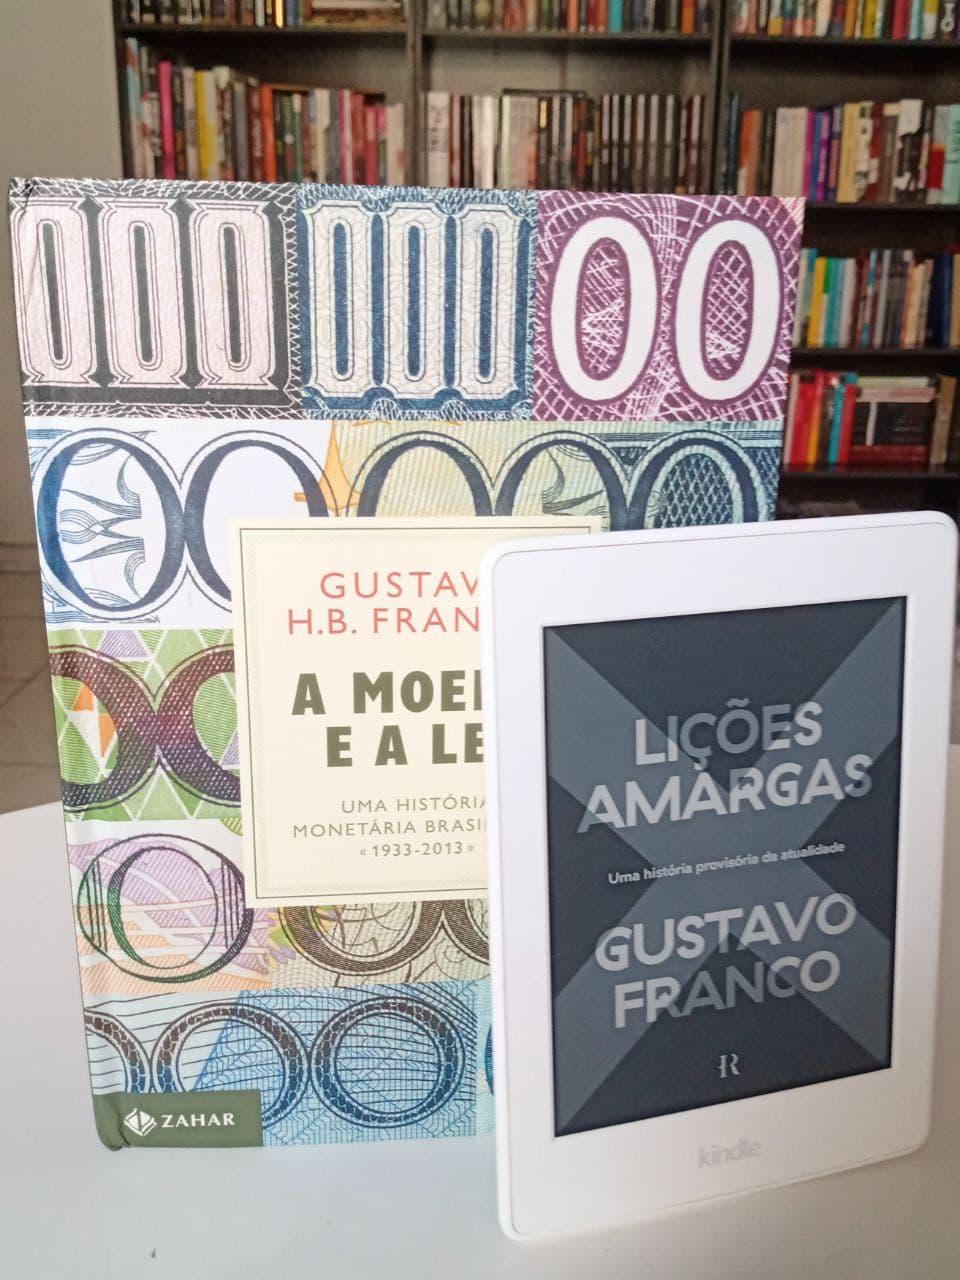 """Livros do Gustavo Franco: """"Lições Amargas"""" e """"A Moeda e a Lei"""""""